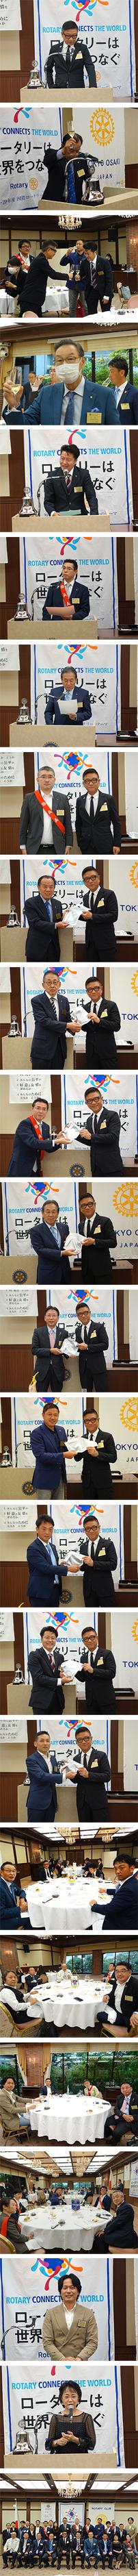 東京大崎RC創立35周年記念例会